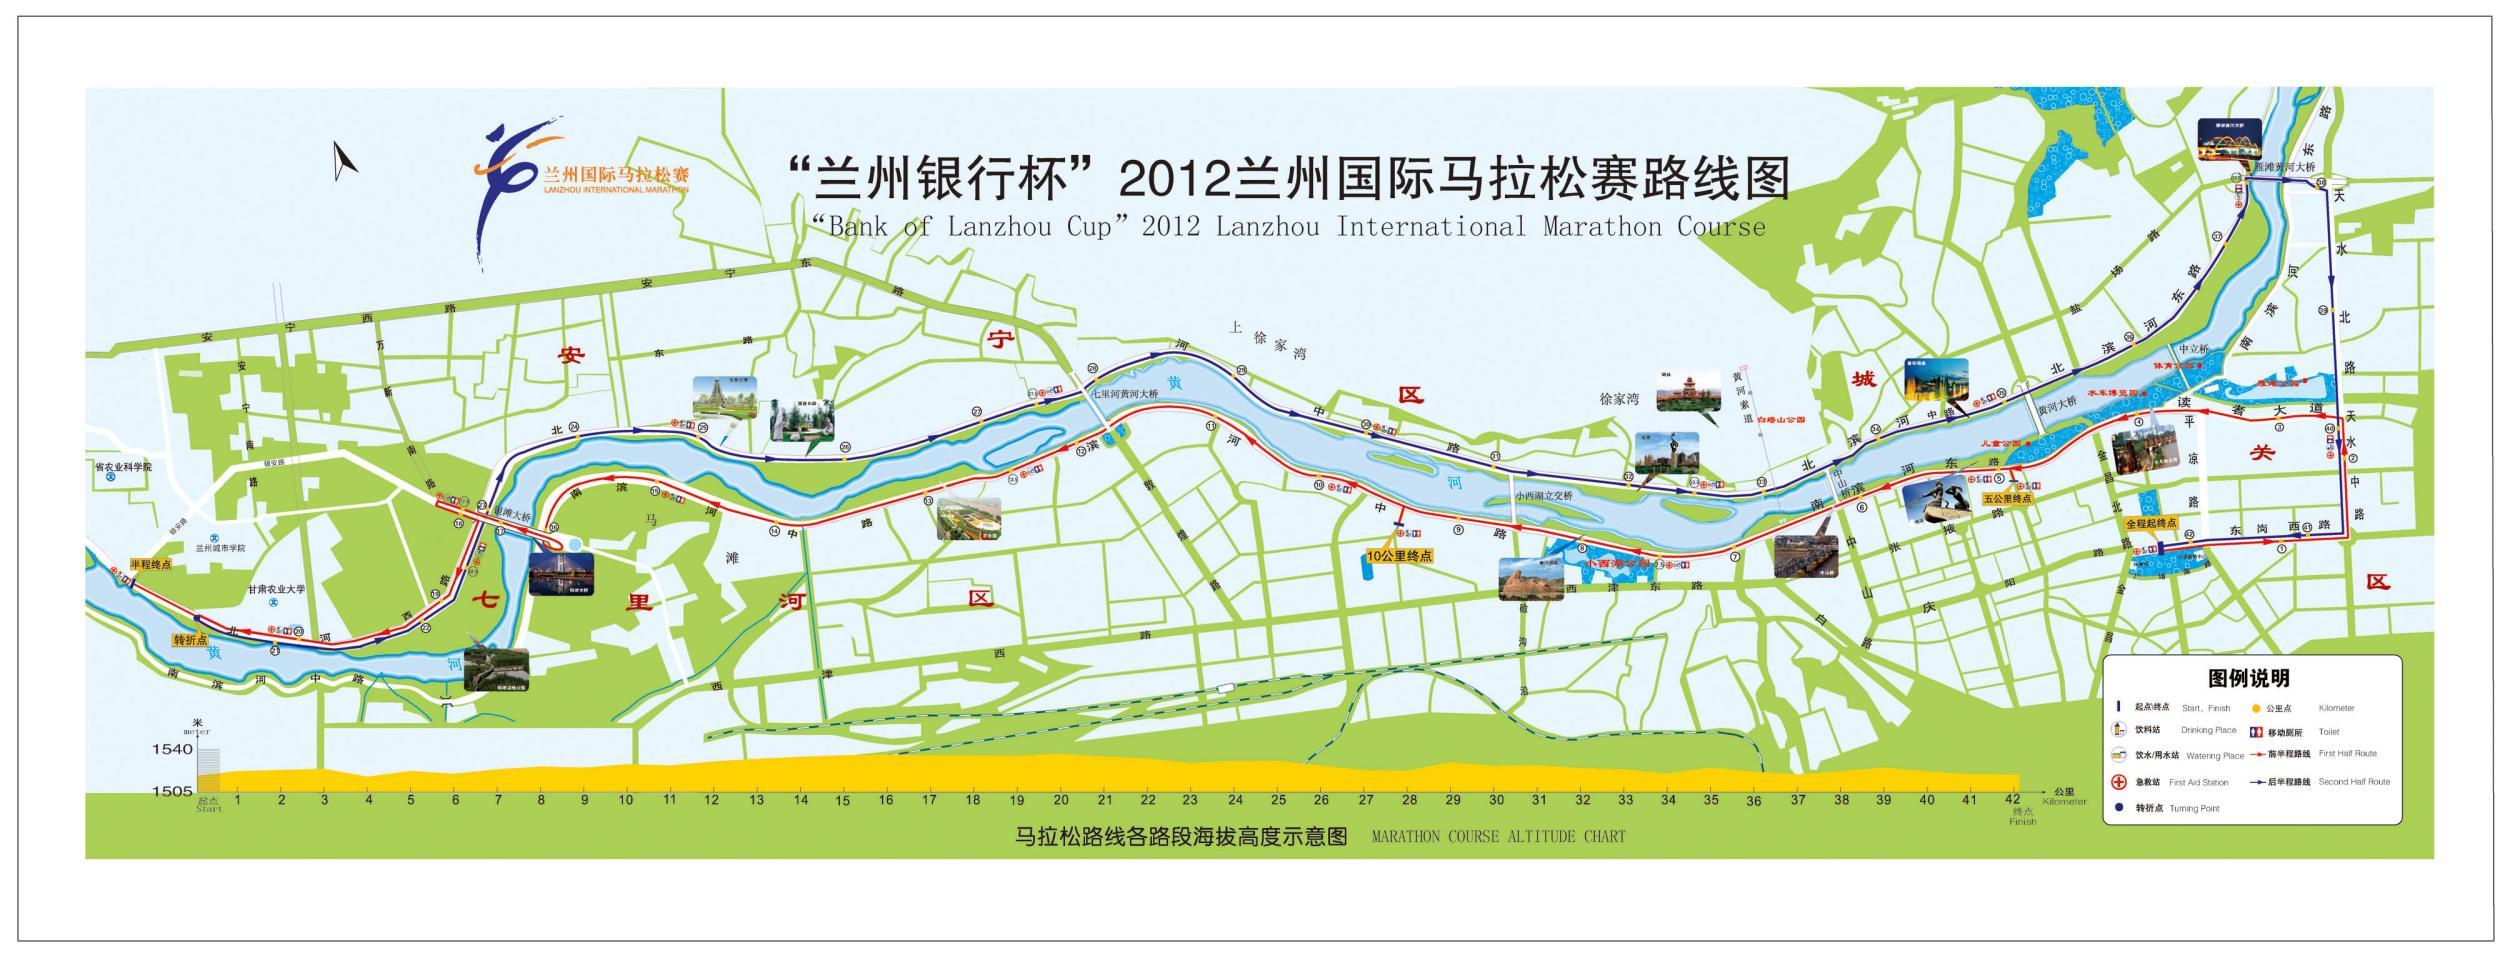 兰州黄河铁桥作文_2012兰州国际马拉松赛路线图(附各路段海拔高度示意图)-马拉松